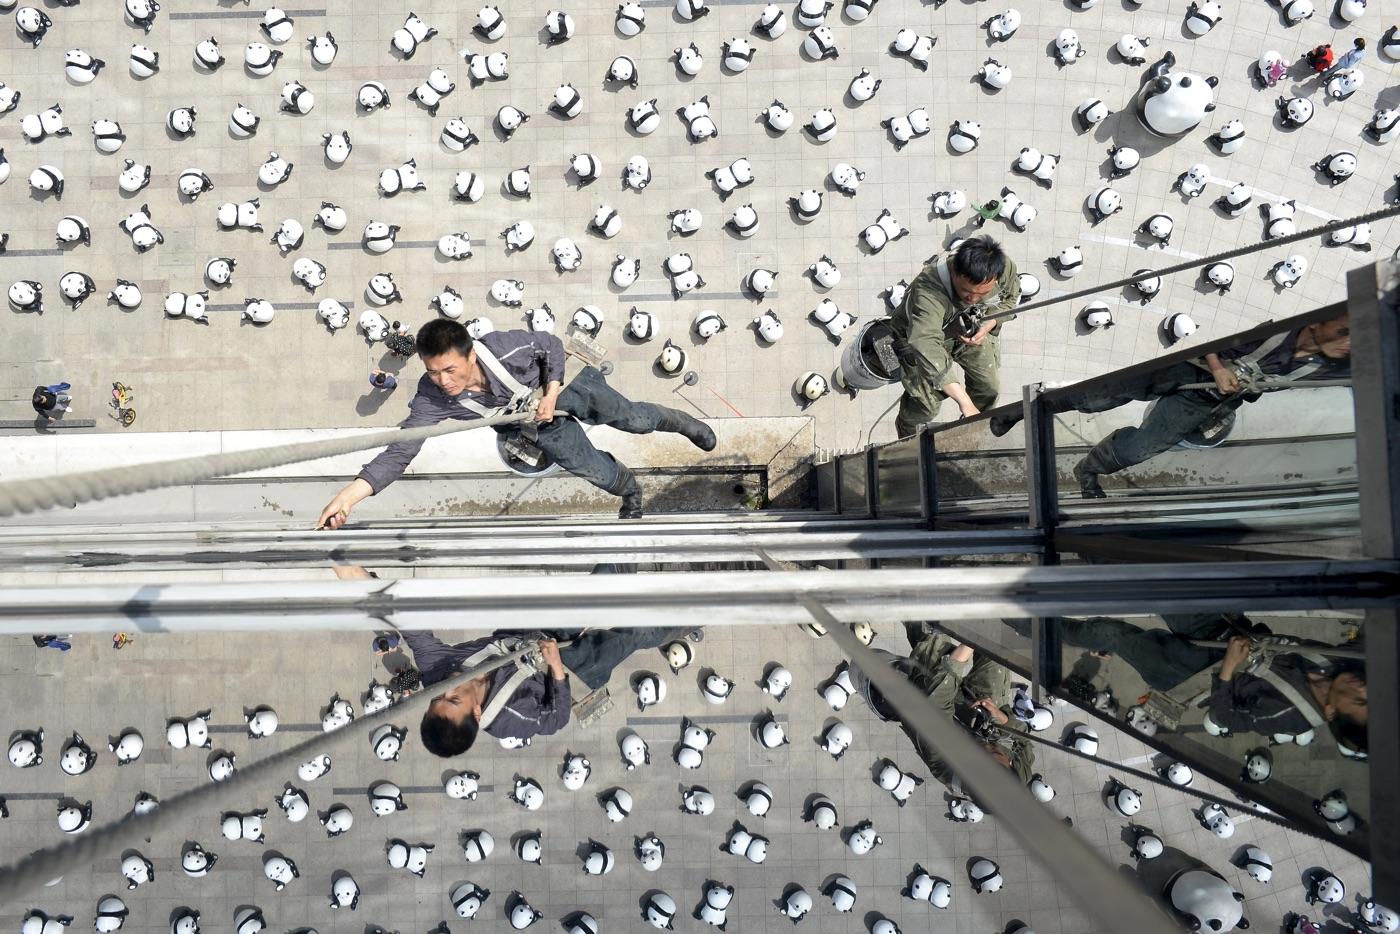 Рабочие моют стекла офисного здания, на площади перед которым проводится инсталляция из почти 300 скульптур панд, Тайюань, провинция Шаньси. Фото: Jon Woo/Reuters